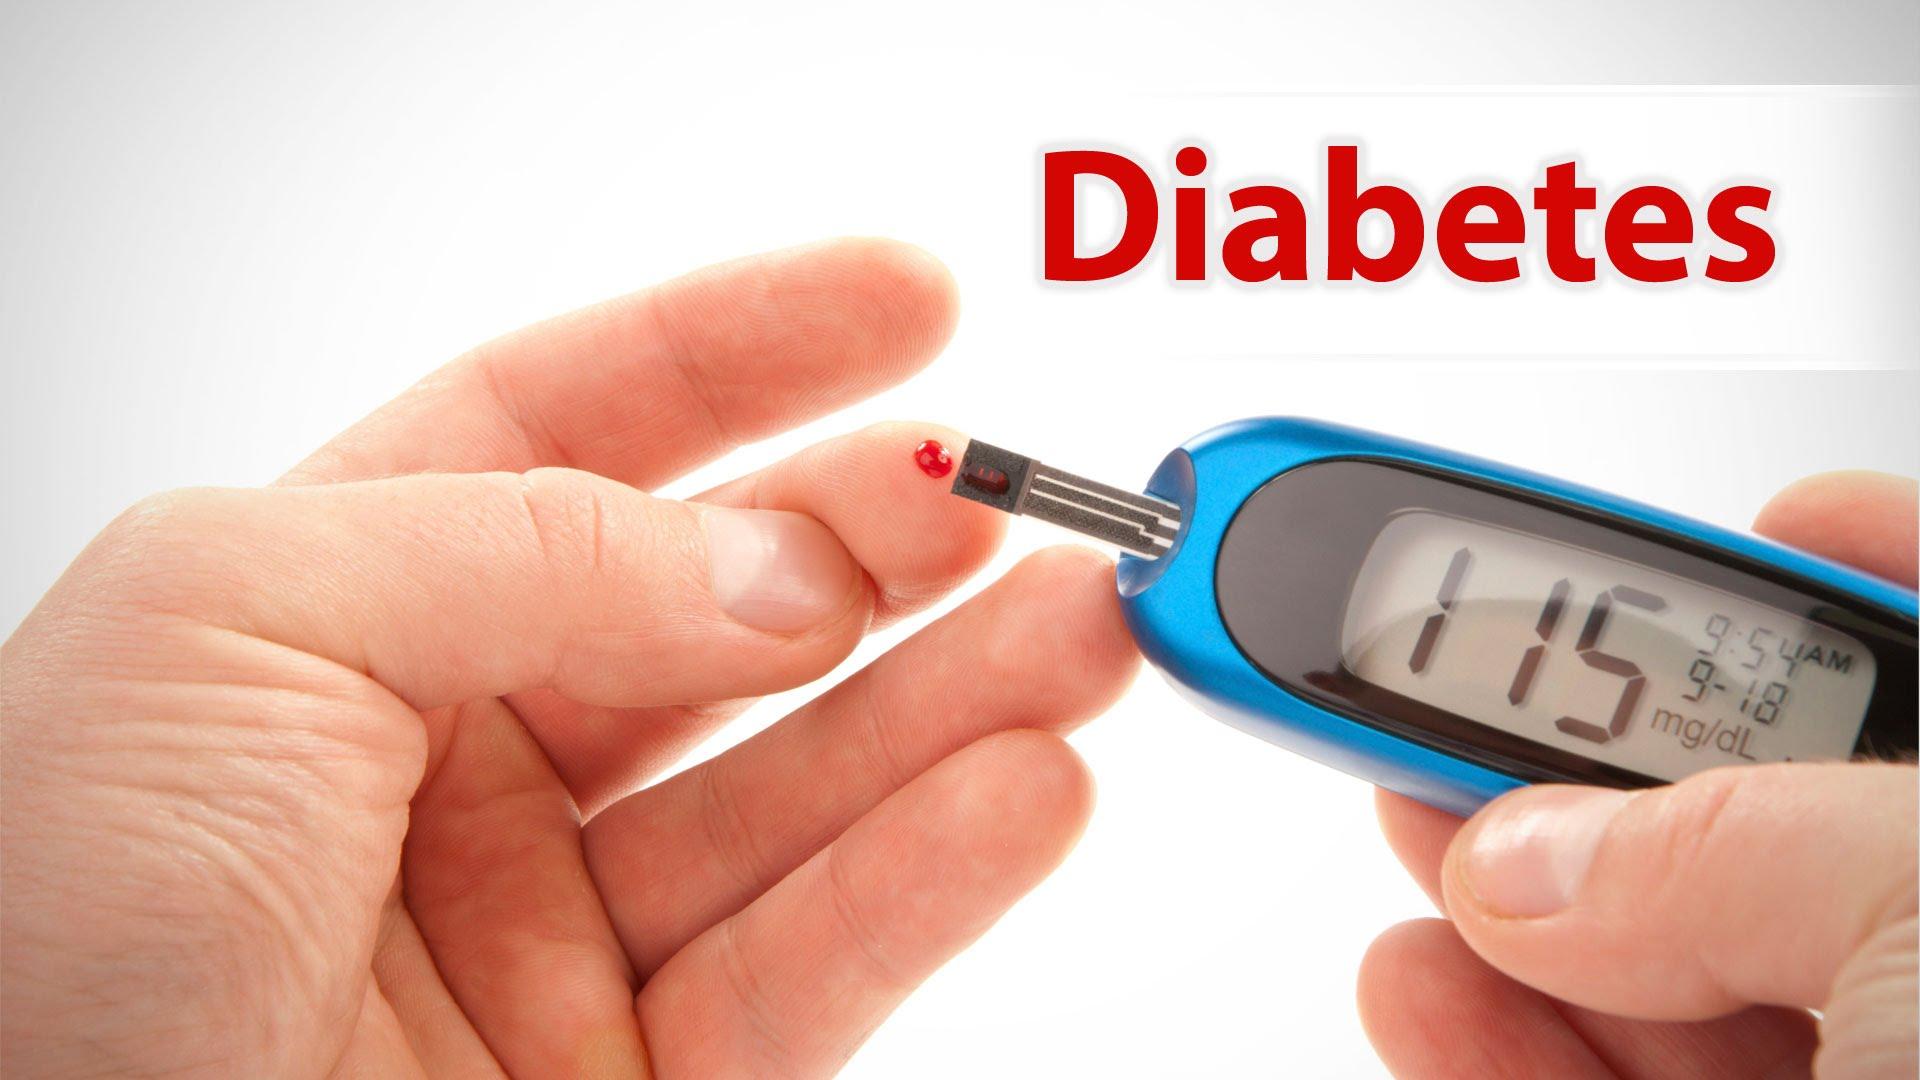 糖尿病是因为吃糖过多?